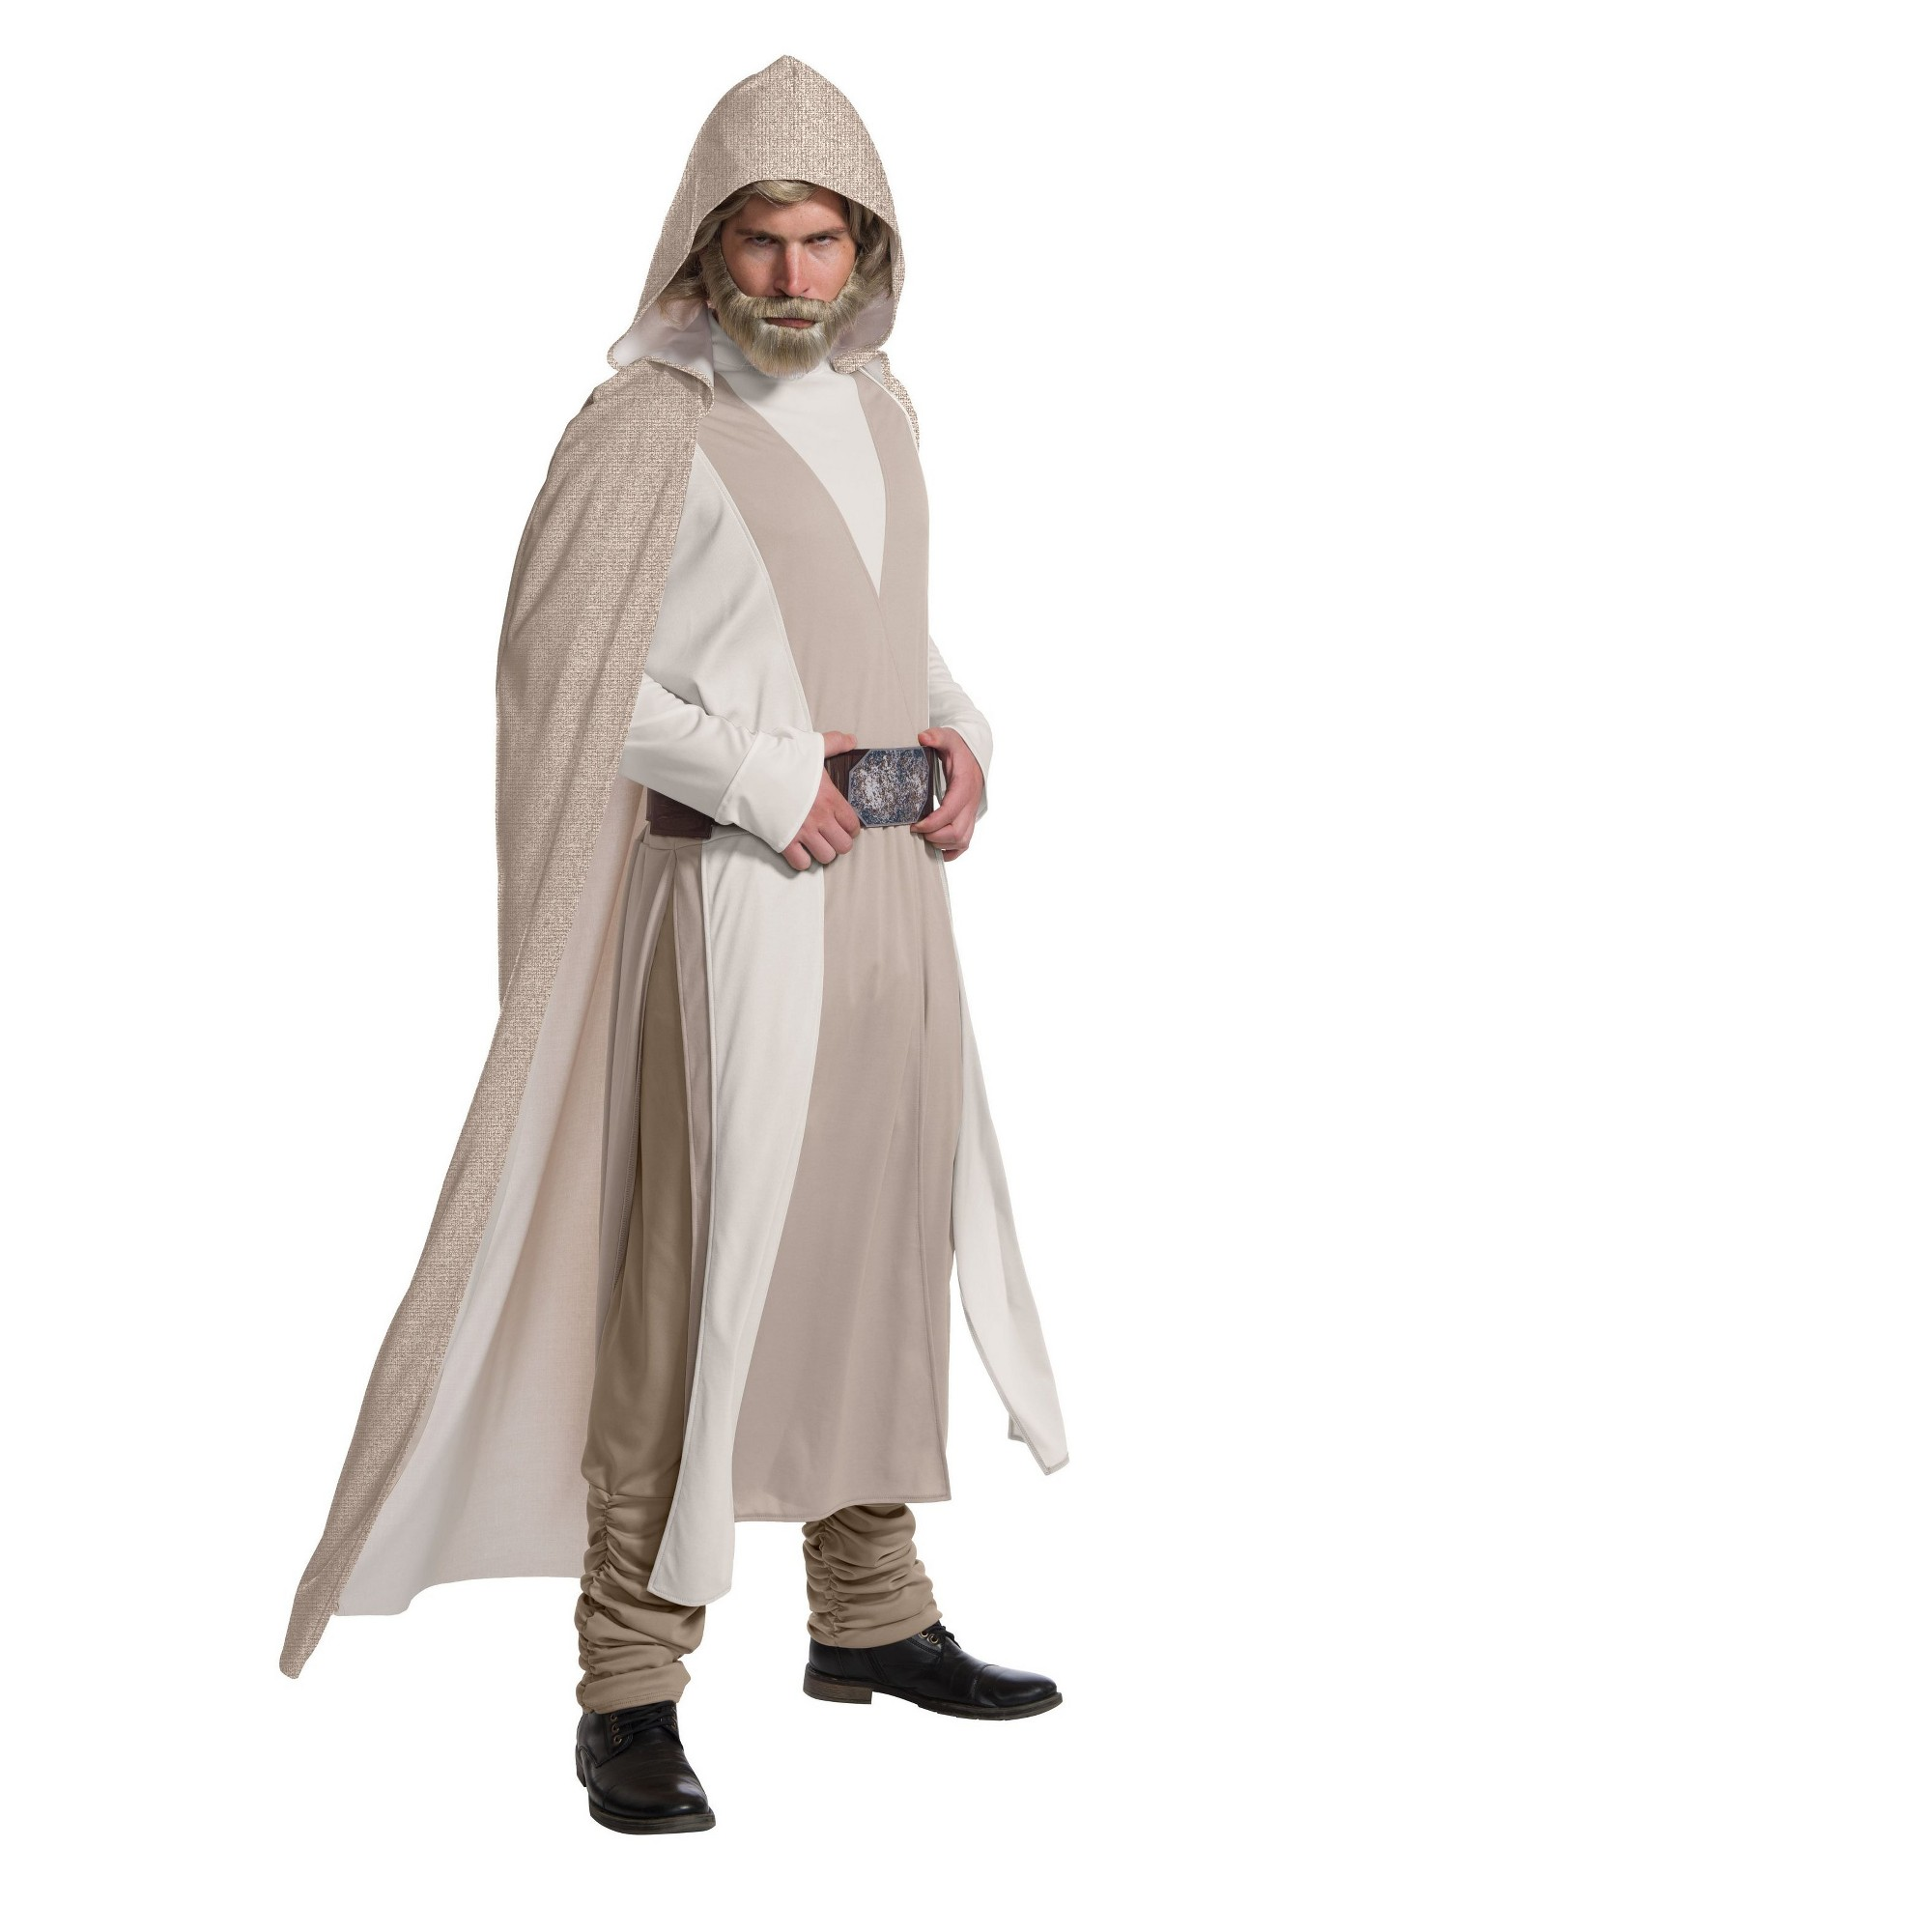 Jedi Knight Adult Luke Skywalker Force Awakens Costume Cloak Cosplay Wars Star